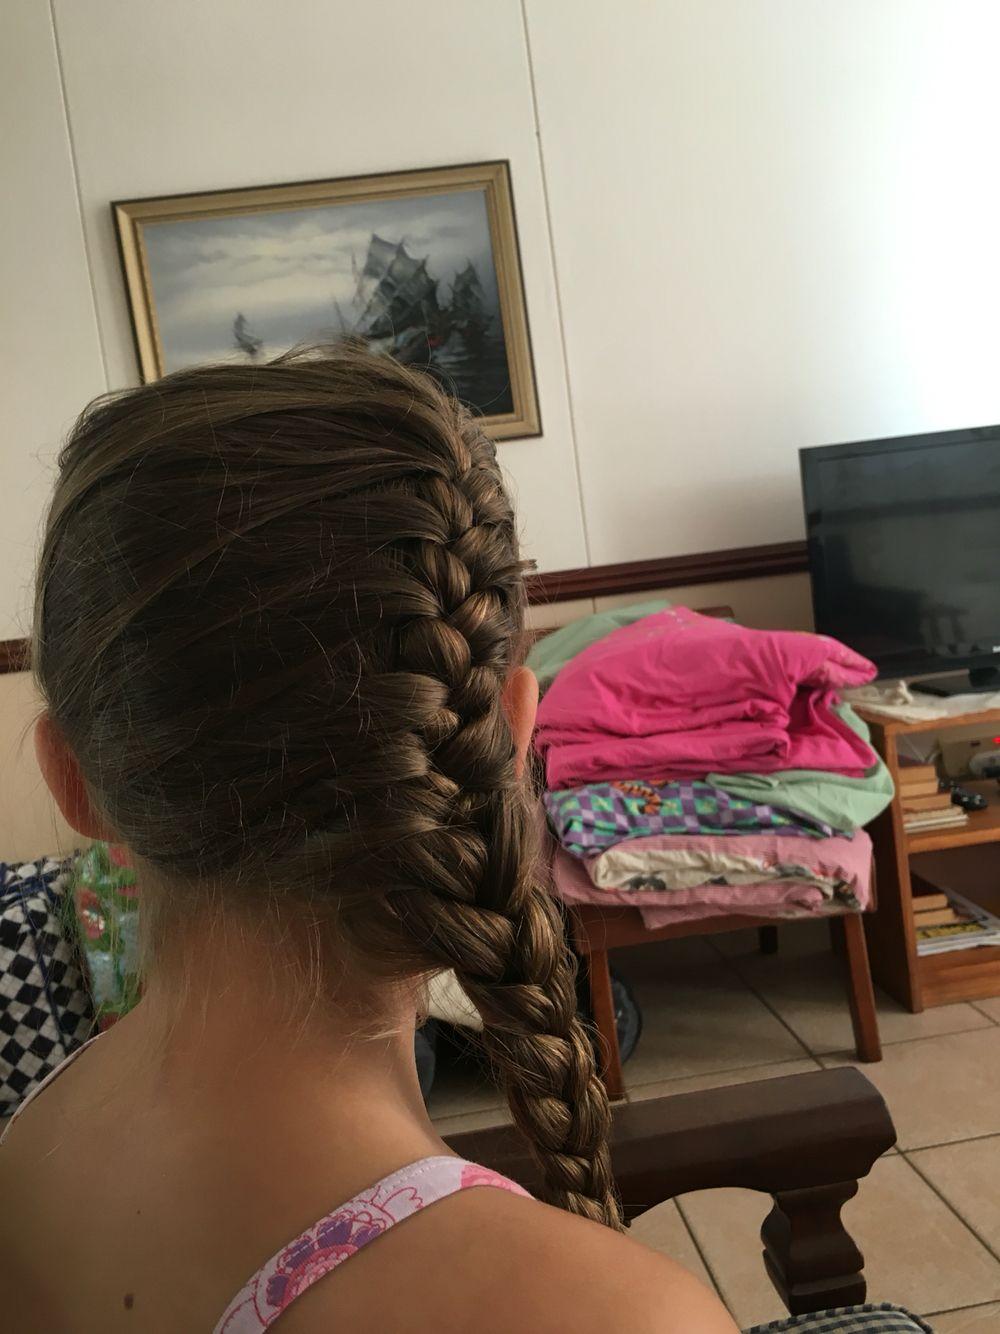 My grandaughter's hair